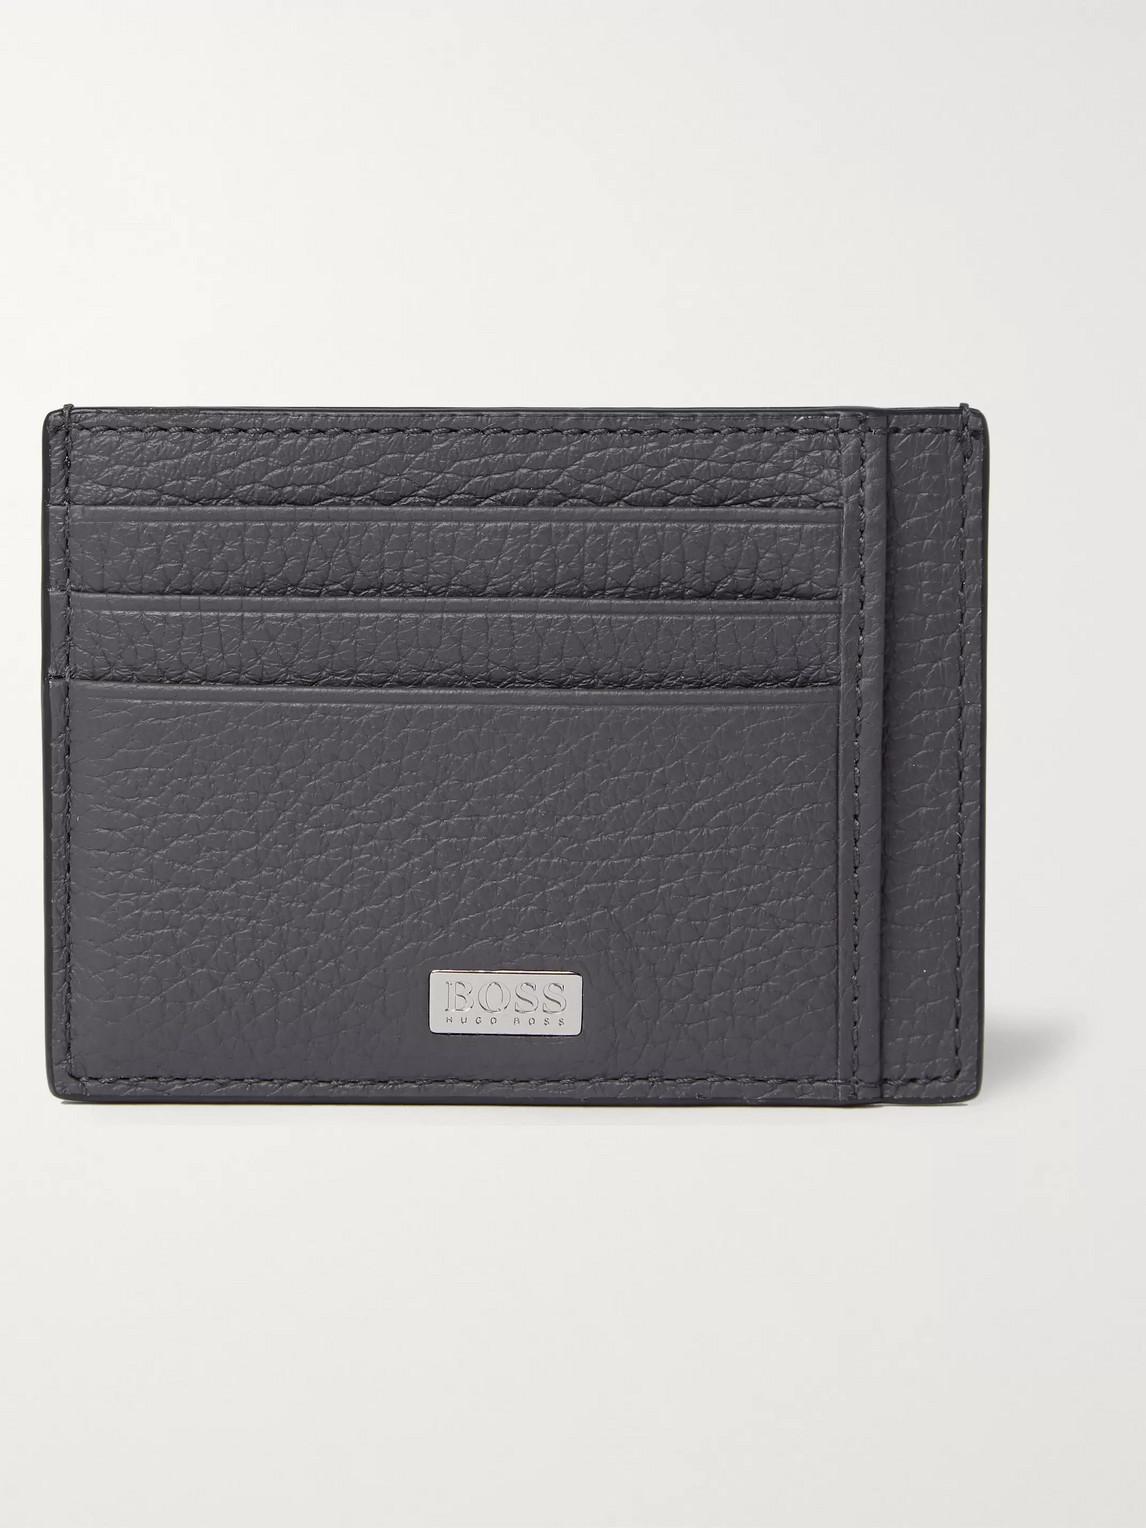 Hugo Boss Crosstown Full-grain Leather Cardholder In Gray